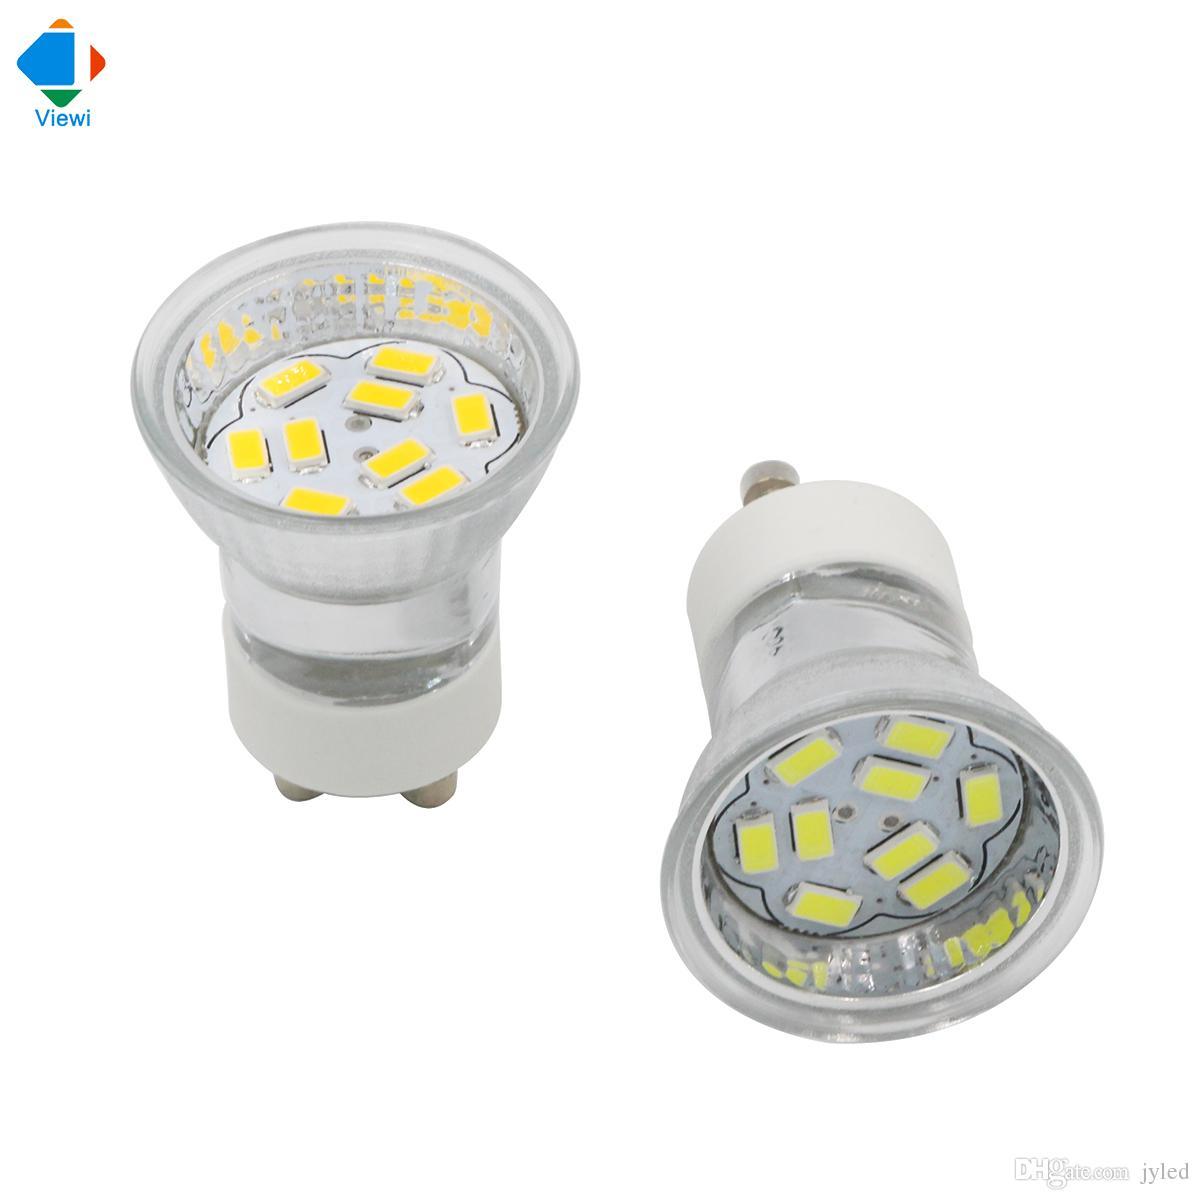 5x 12v led spotlight gu10 bulb lamp light 12 volt smd 5730. Black Bedroom Furniture Sets. Home Design Ideas